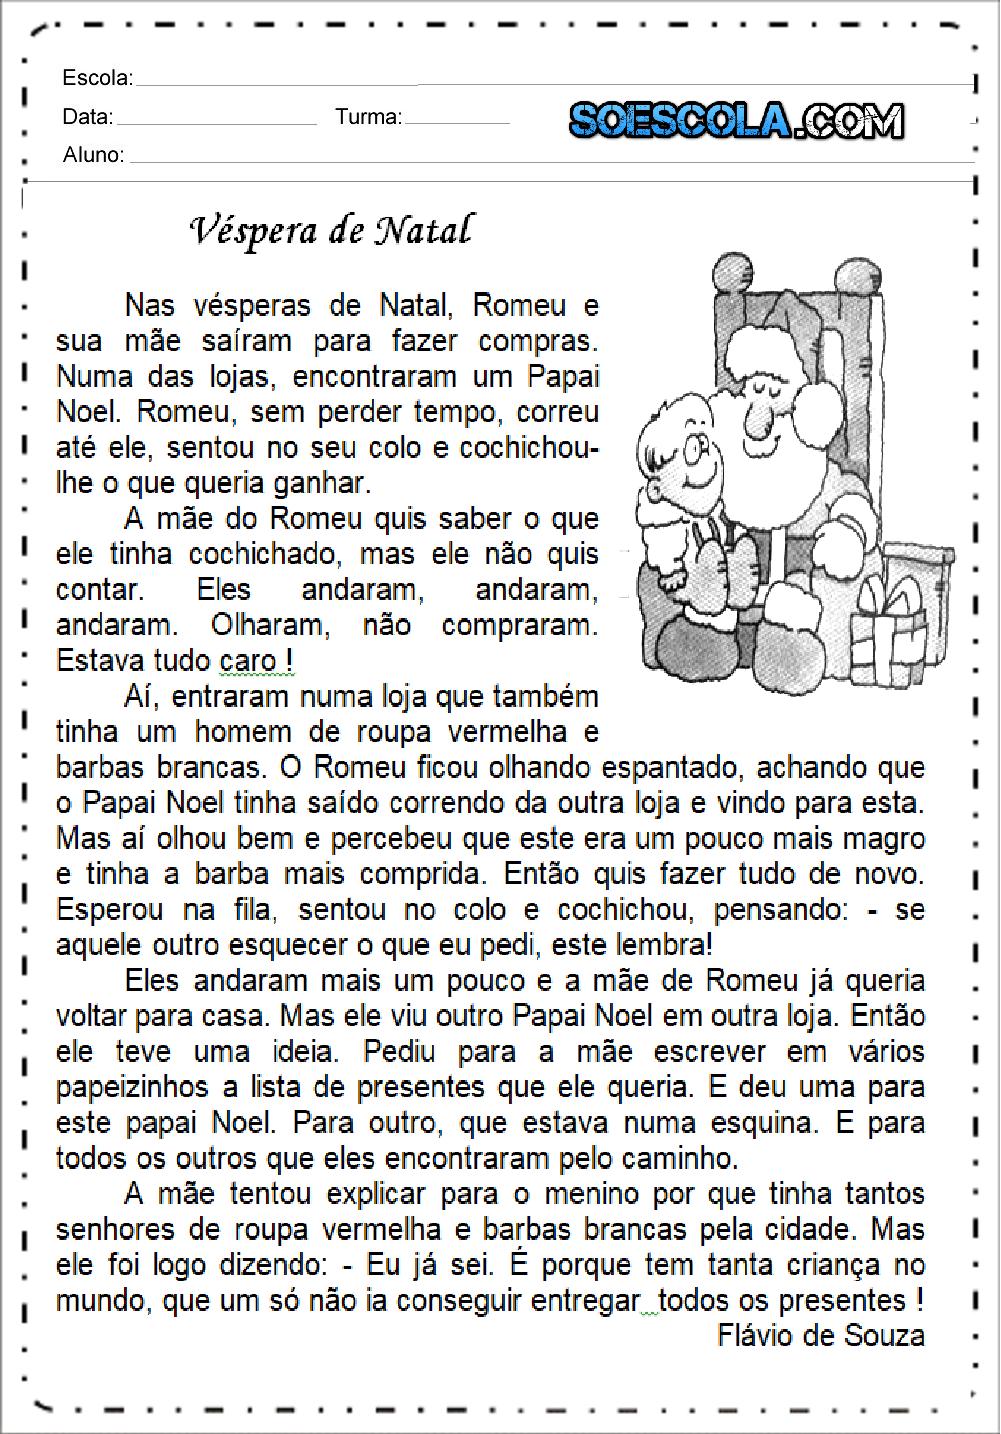 Texto Véspera de Natal para imprimir e baixar em PDF - Textos Curtos